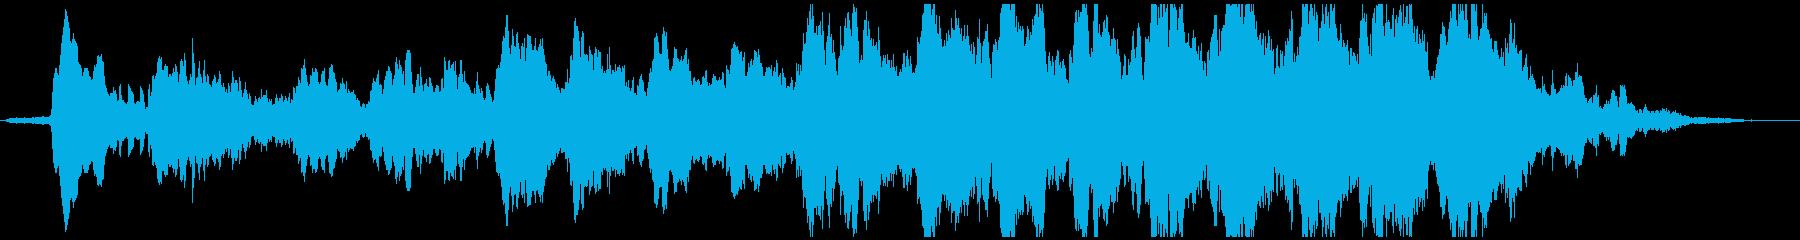 室内楽 プログレッシブ 交響曲 広...の再生済みの波形